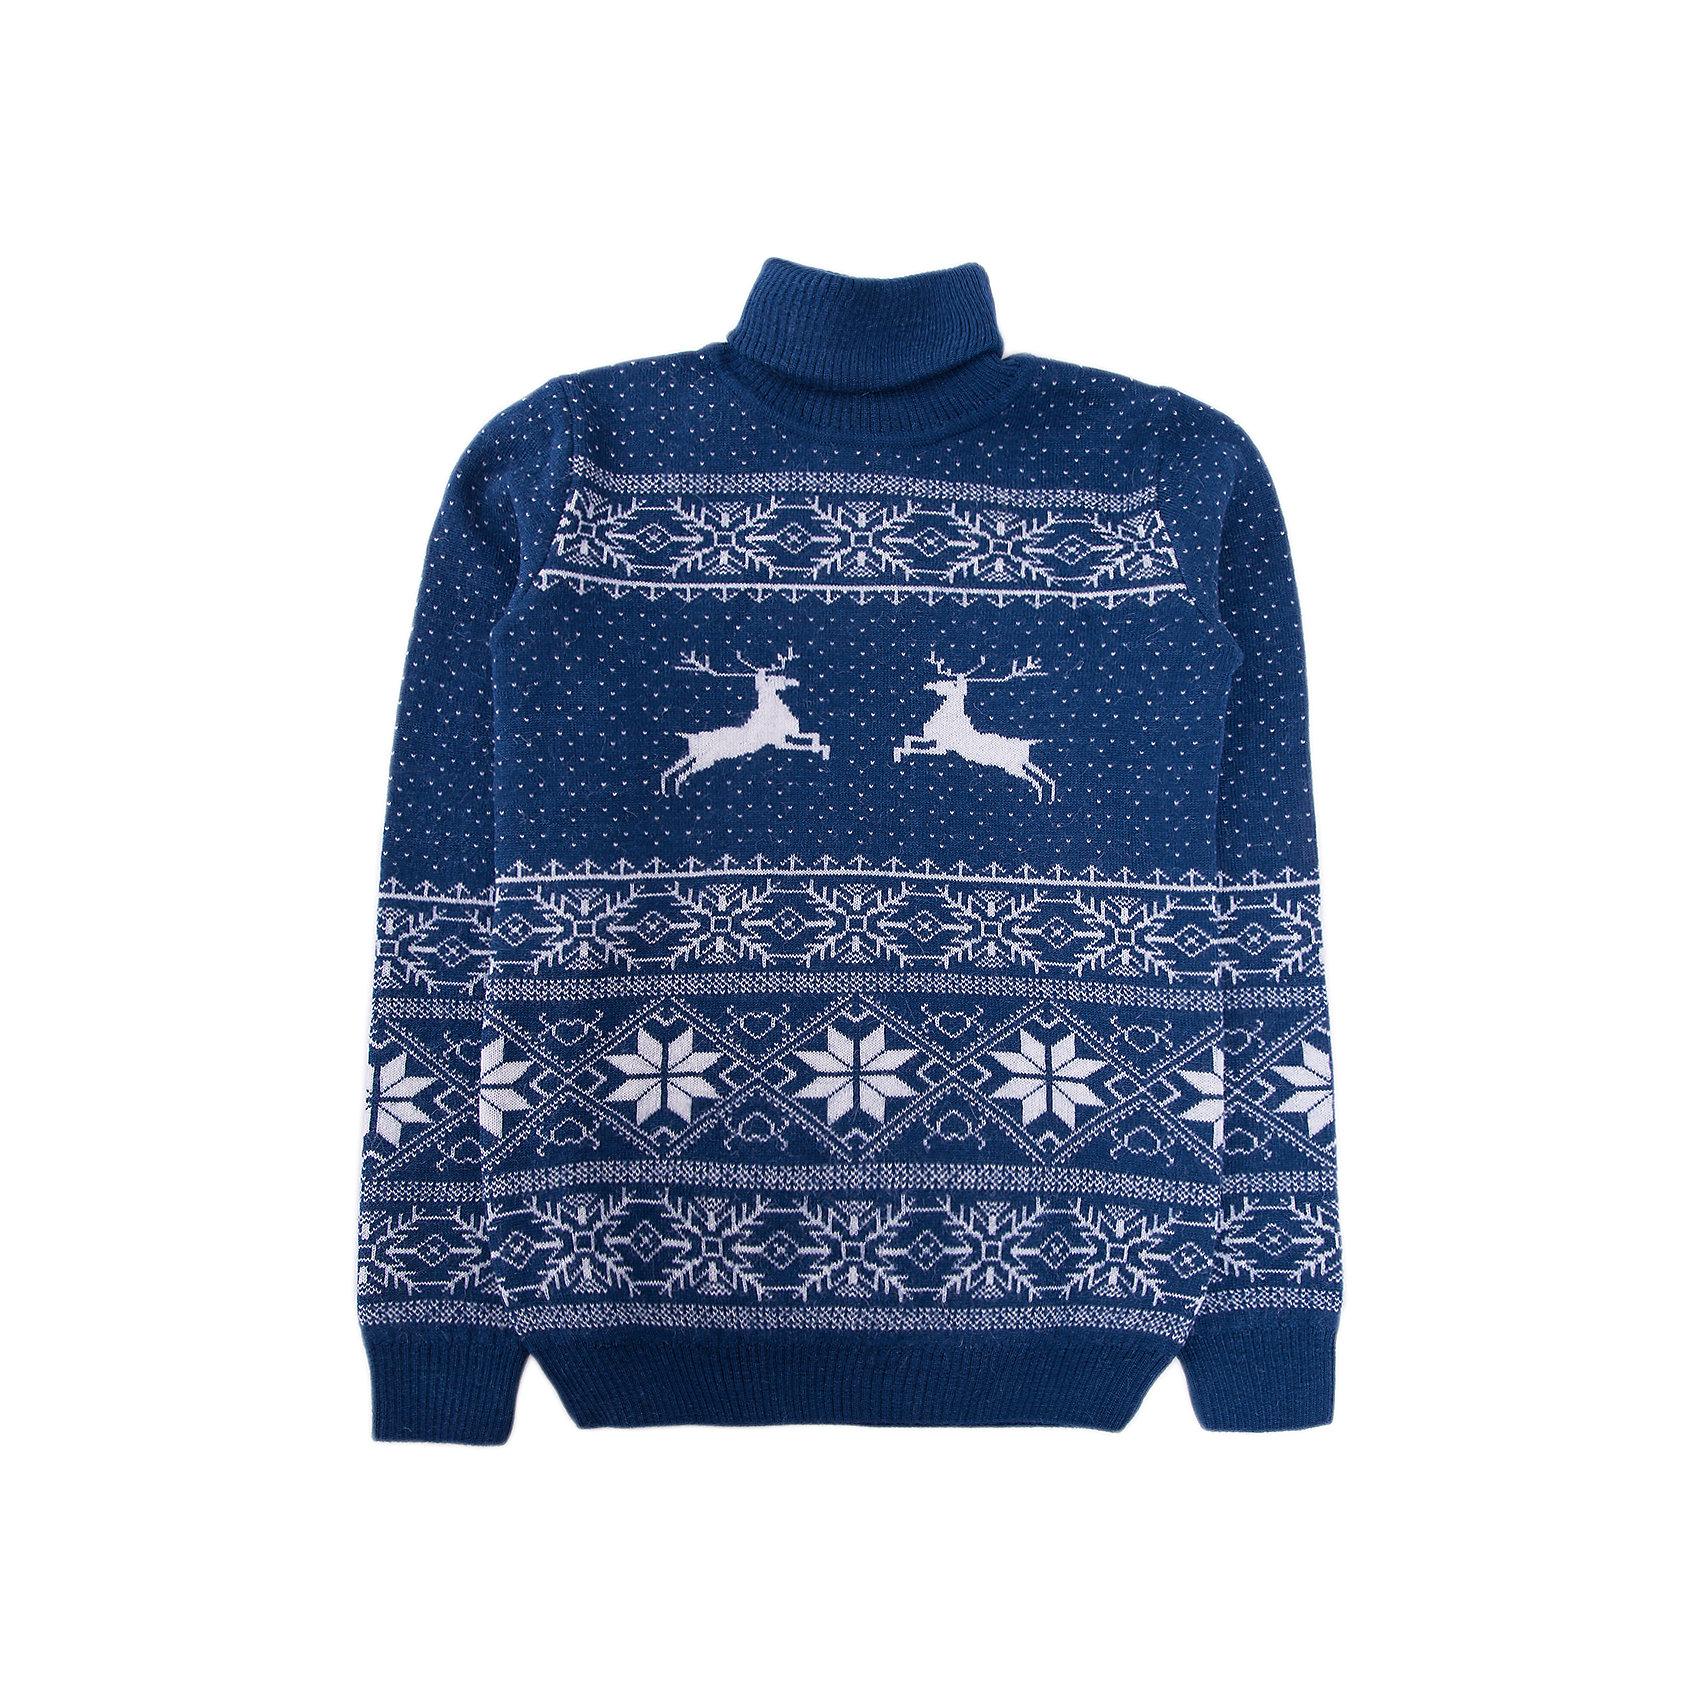 Свитер NorvegВодолазки<br>Свитер от известного бренда Norveg<br><br>Красивый свитер NORVEG Sweater Jaquard Wool  от немецкой компании Norveg (Норвег) - это удобная и красивая одежда, которая обеспечит комфортную терморегуляцию тела и на улице, и в помещении. <br>Она сделана из шерсти мериноса (австралийской тонкорунной овцы), которая обладает гипоаллергенными свойствами, поэтому не вызывает раздражения, даже если надета на голое тело.<br><br>Отличительные особенности модели:<br><br>- цвет: белый, синий;<br>- высокий ворот;<br>- анатомические трикотажные резинки внизу и на рукавах;<br>- орнамент с оленями;<br>- подходит и мальчикам, и девочкам;<br>- застежка-молния;<br>- карманы.<br><br>Дополнительная информация:<br><br>- Температурный режим: от - 20° С  до +5° С.<br><br>- Состав: 100% шерсть мериноса<br>Толстовку Norveg (Норвег) можно купить в нашем магазине.<br><br>Ширина мм: 190<br>Глубина мм: 74<br>Высота мм: 229<br>Вес г: 236<br>Цвет: синий<br>Возраст от месяцев: 18<br>Возраст до месяцев: 24<br>Пол: Унисекс<br>Возраст: Детский<br>Размер: 92,80/86,116,140/146,128/134,104/110,152/158<br>SKU: 4224497